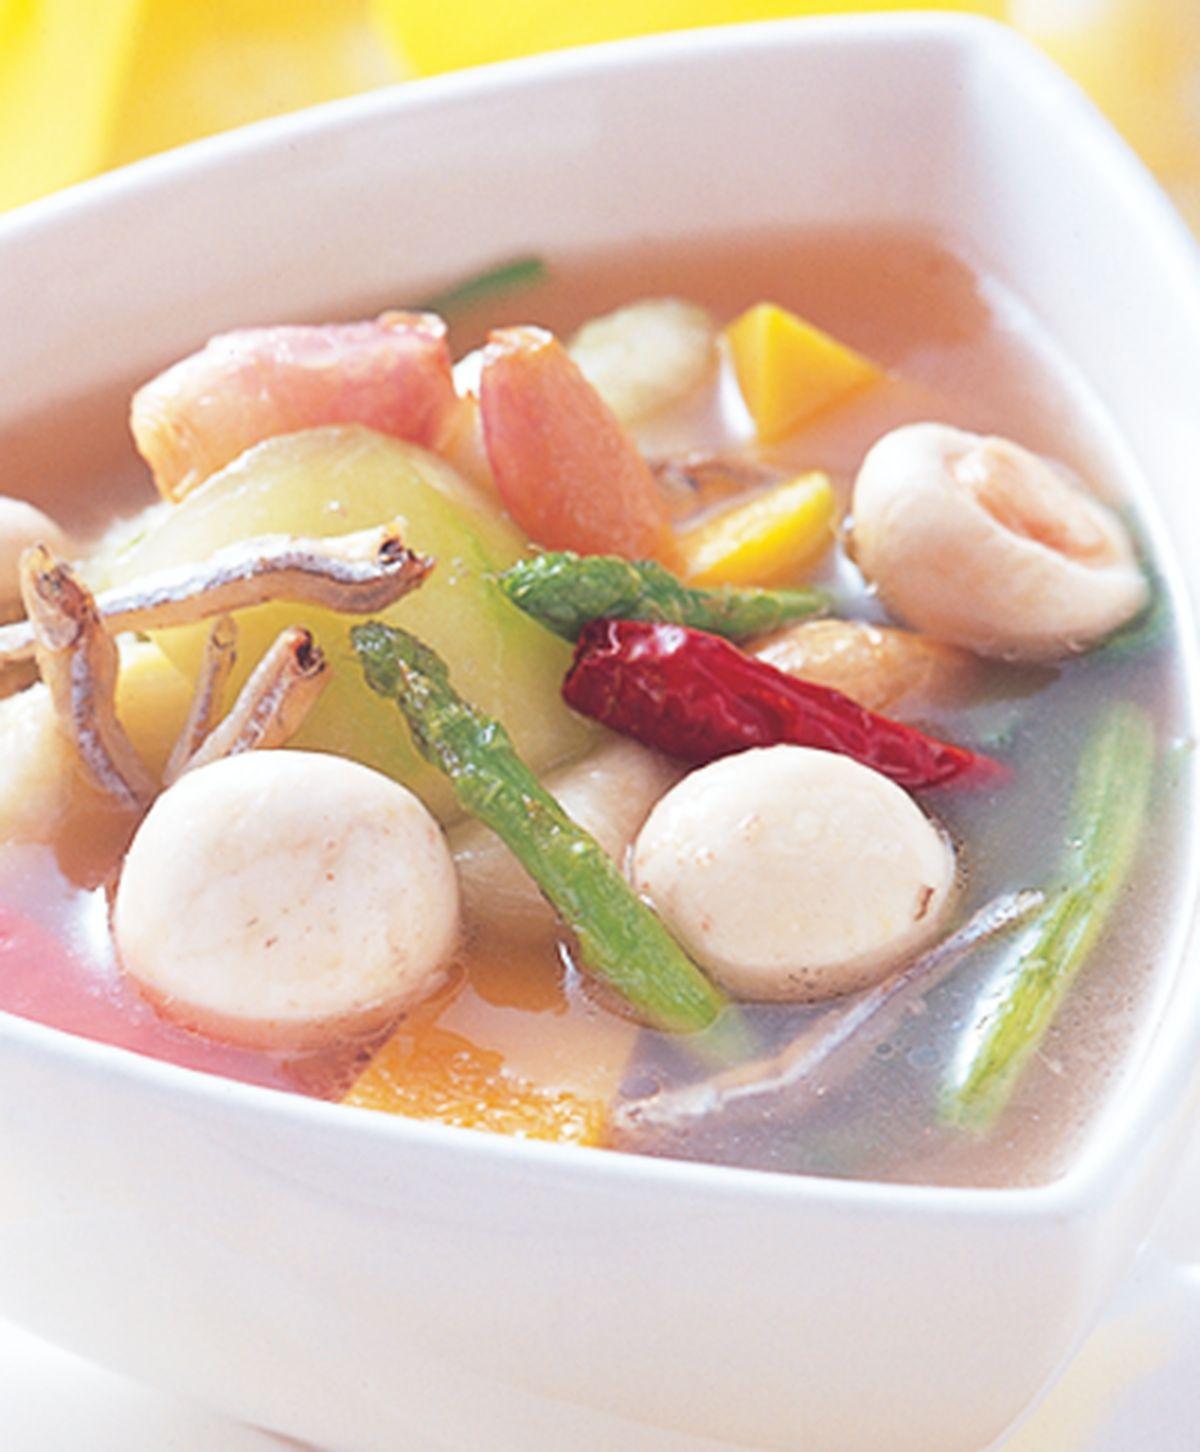 食譜:什錦蔬菜湯